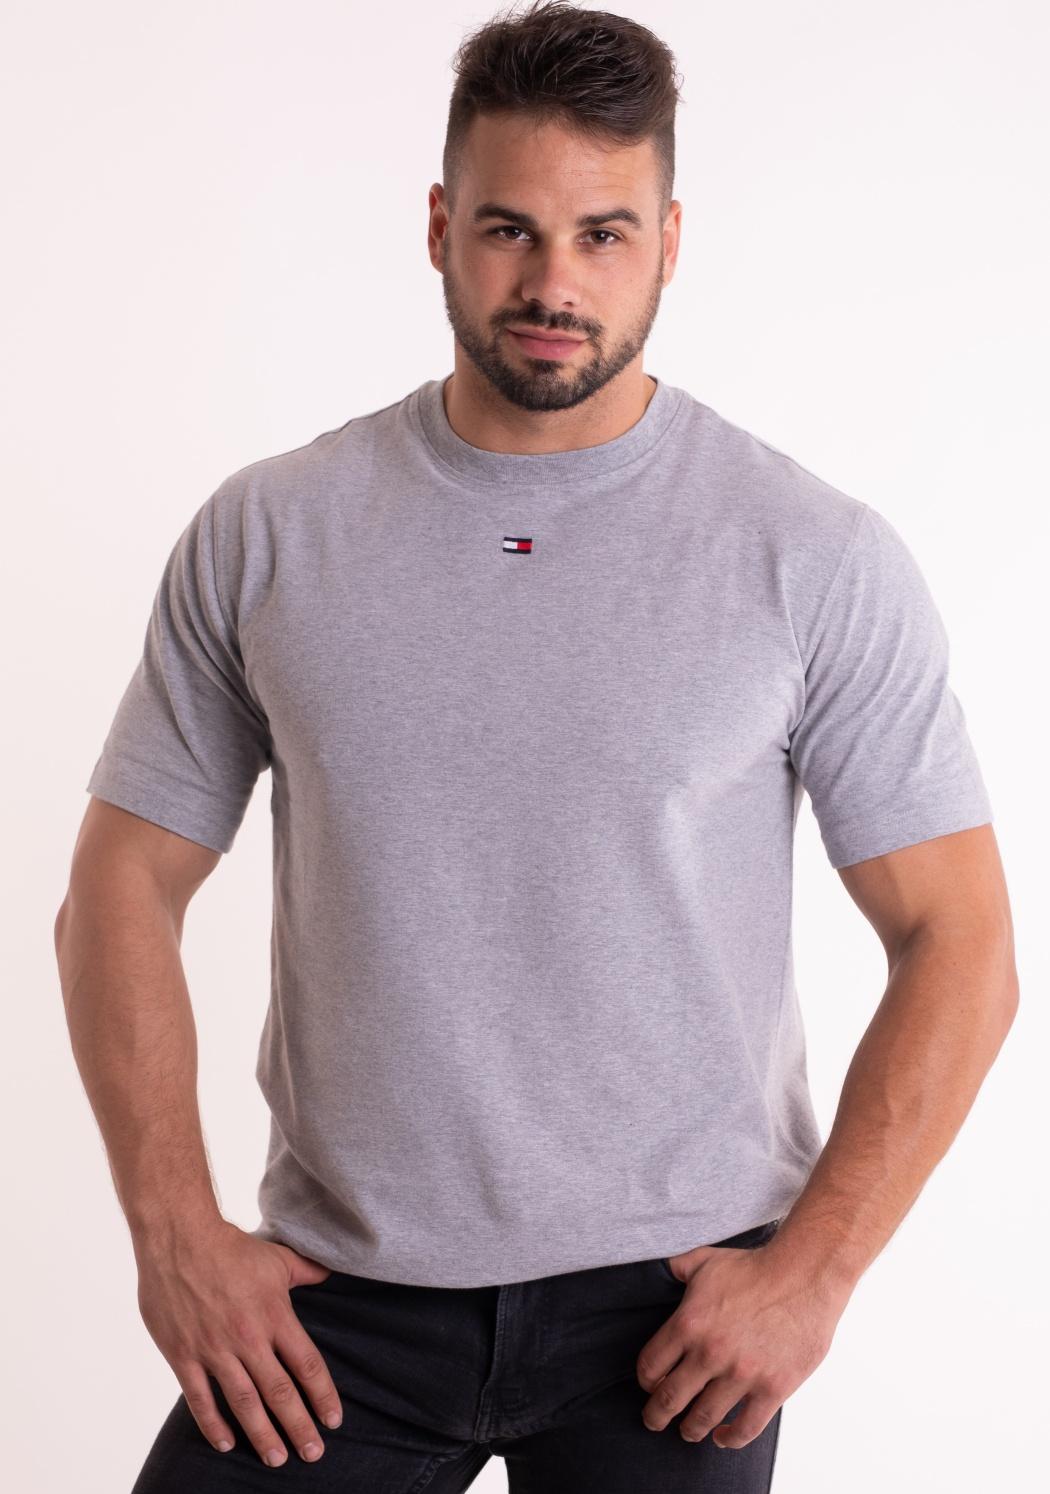 8c4982eb3324 Pánske tričko Tommy Hilfiger UM0UM000952  Pánske tričko Tommy Hilfiger  UM0UM000952